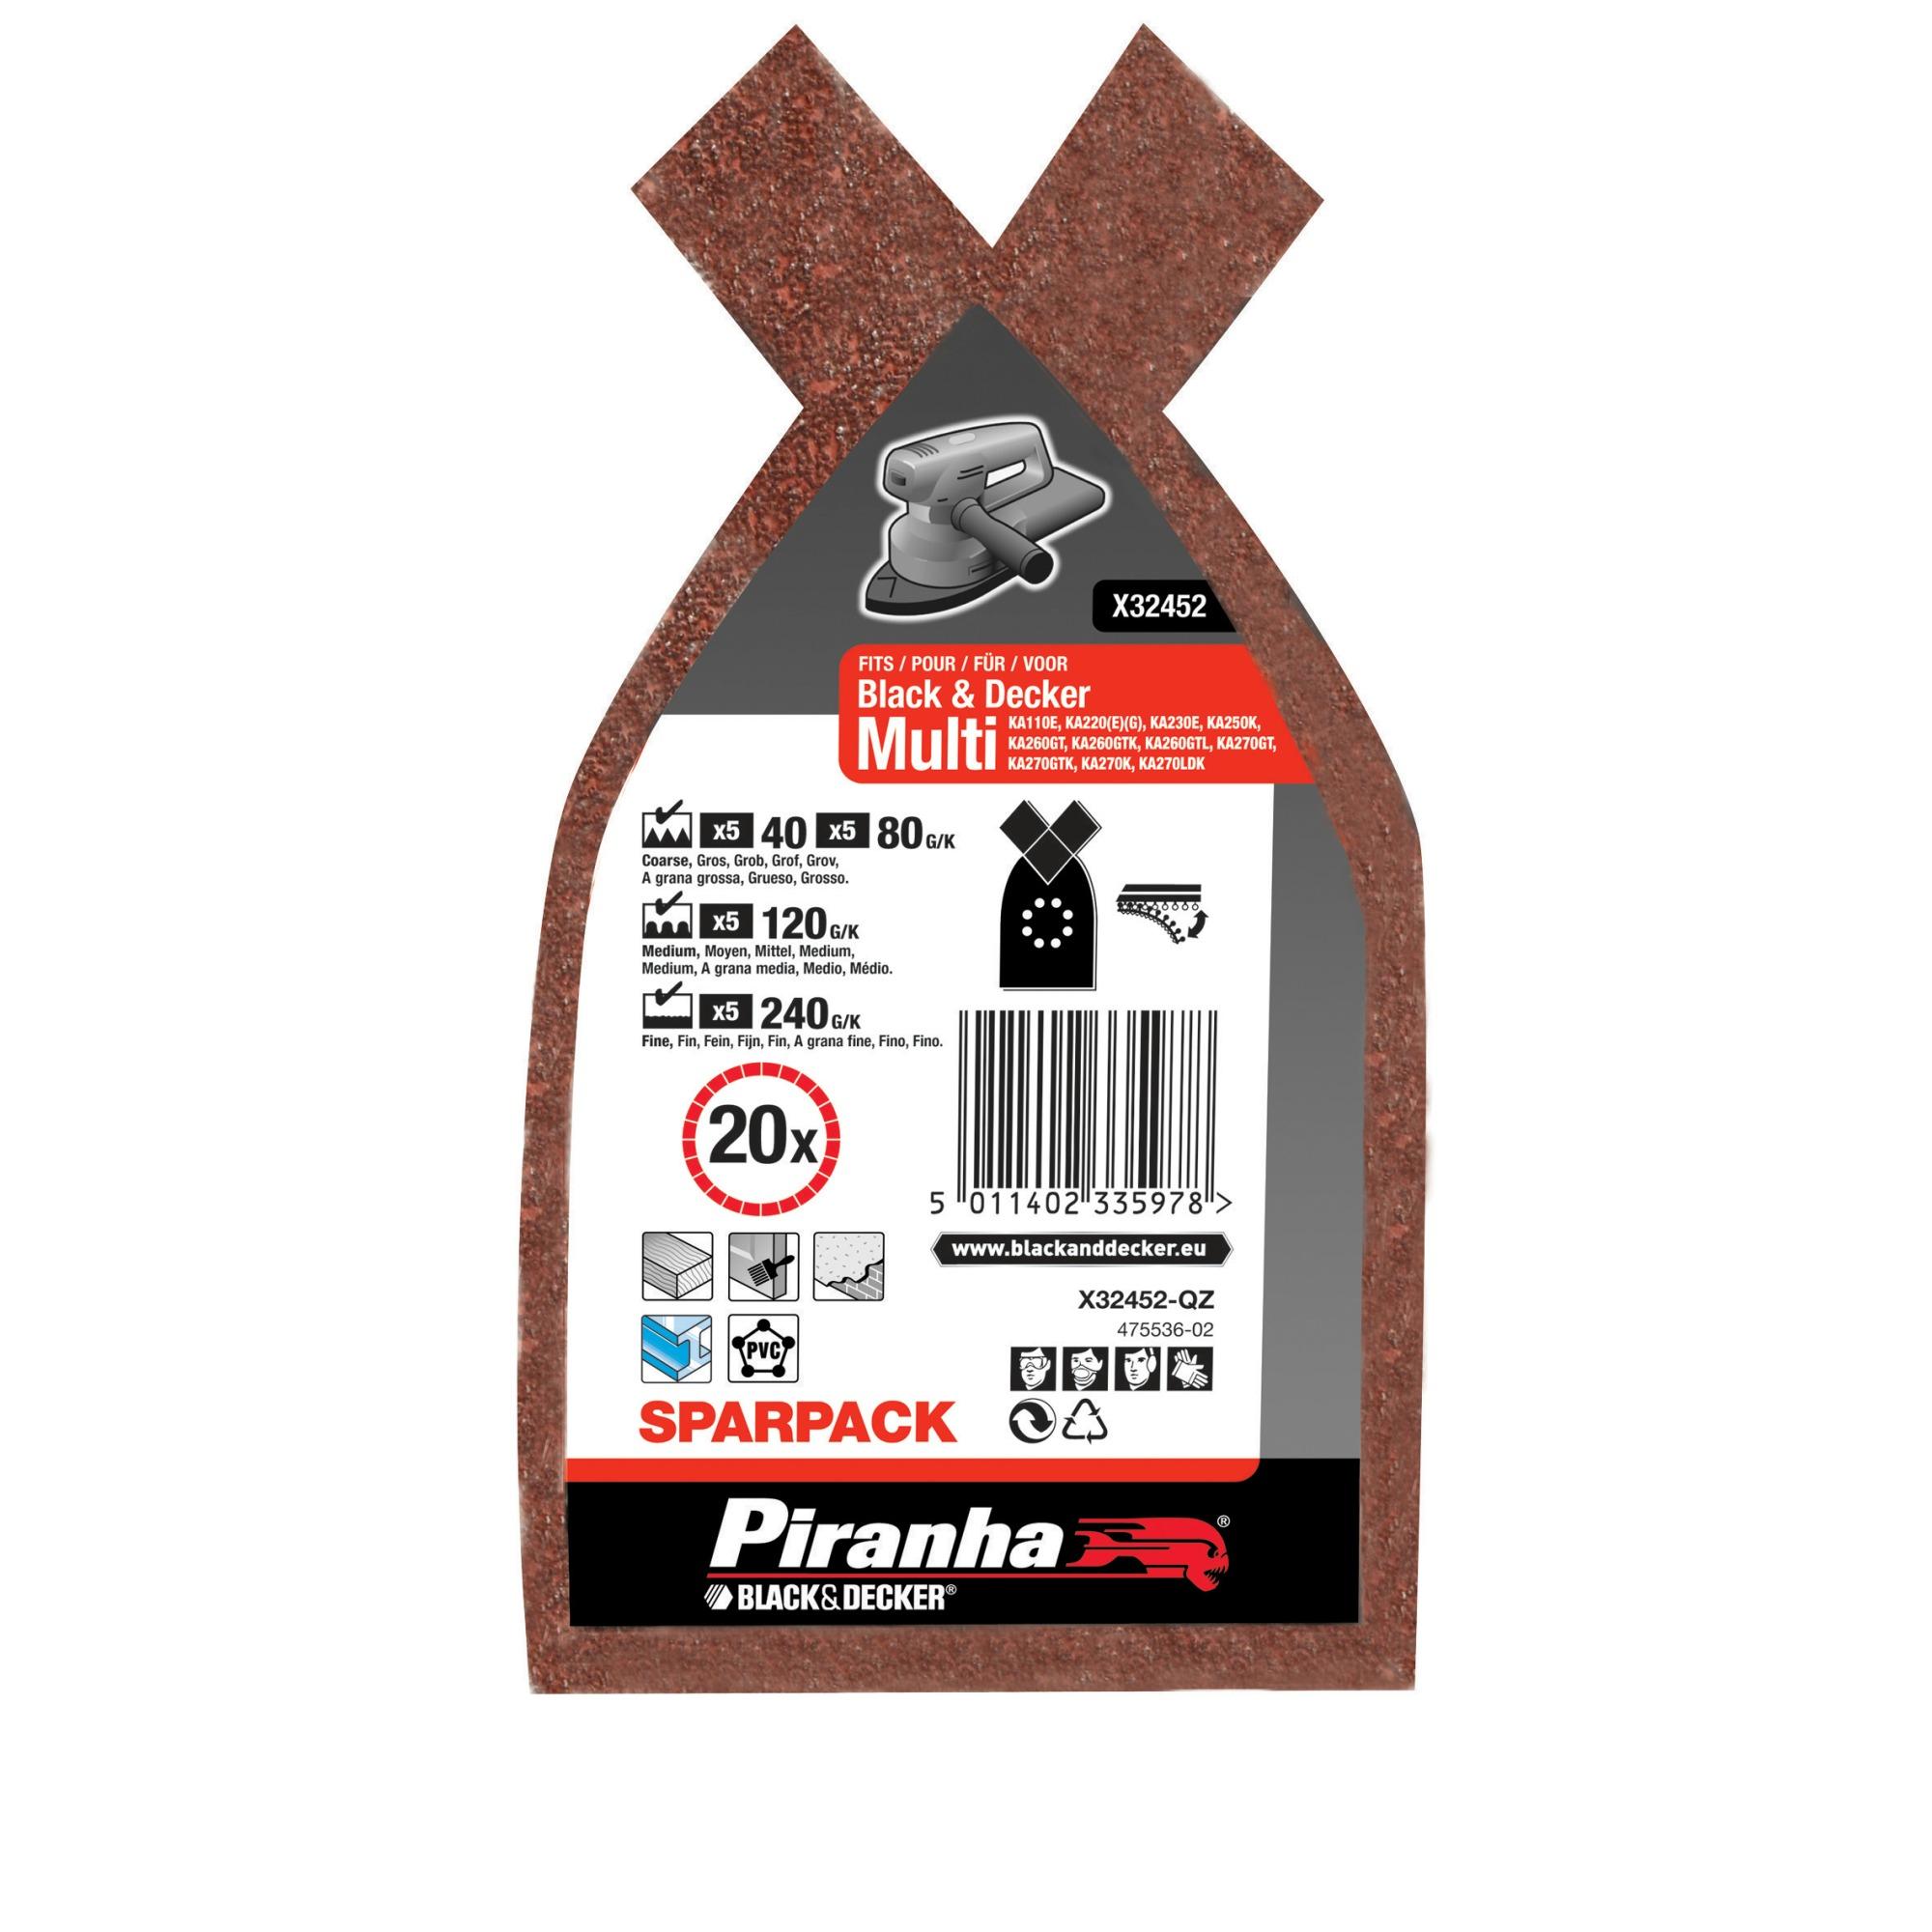 Piranha schuurpapier X32452 K40/80/120/240 170x100 mm (set 20 stuks) voor Multi